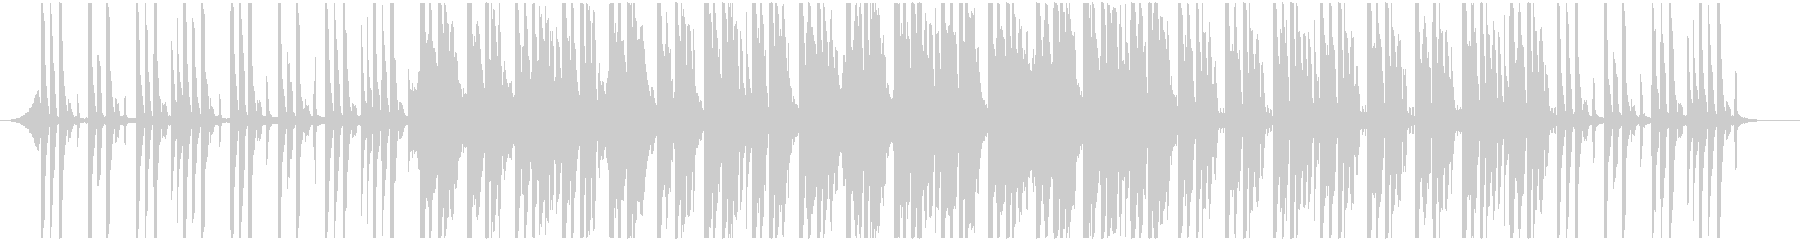 happy's unreproduced waveform